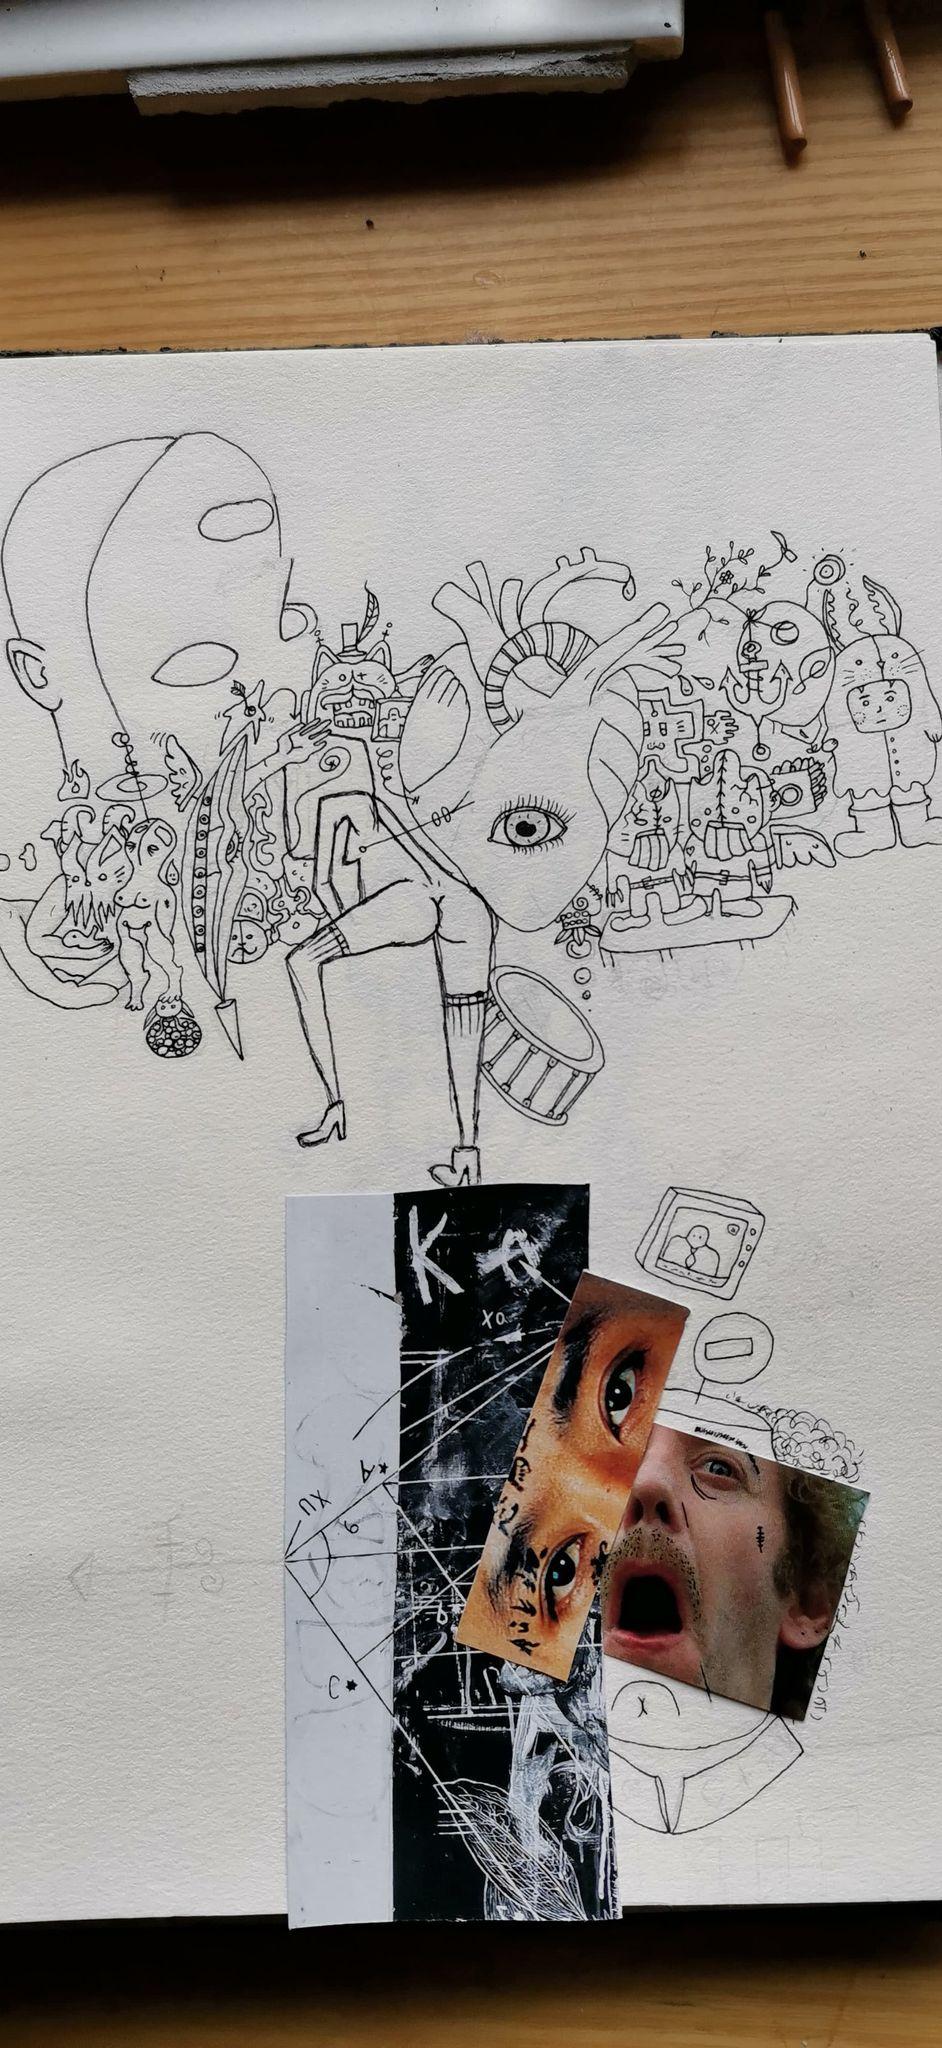 Un dessin par jour, qui veut jouer? - Page 19 Experi10